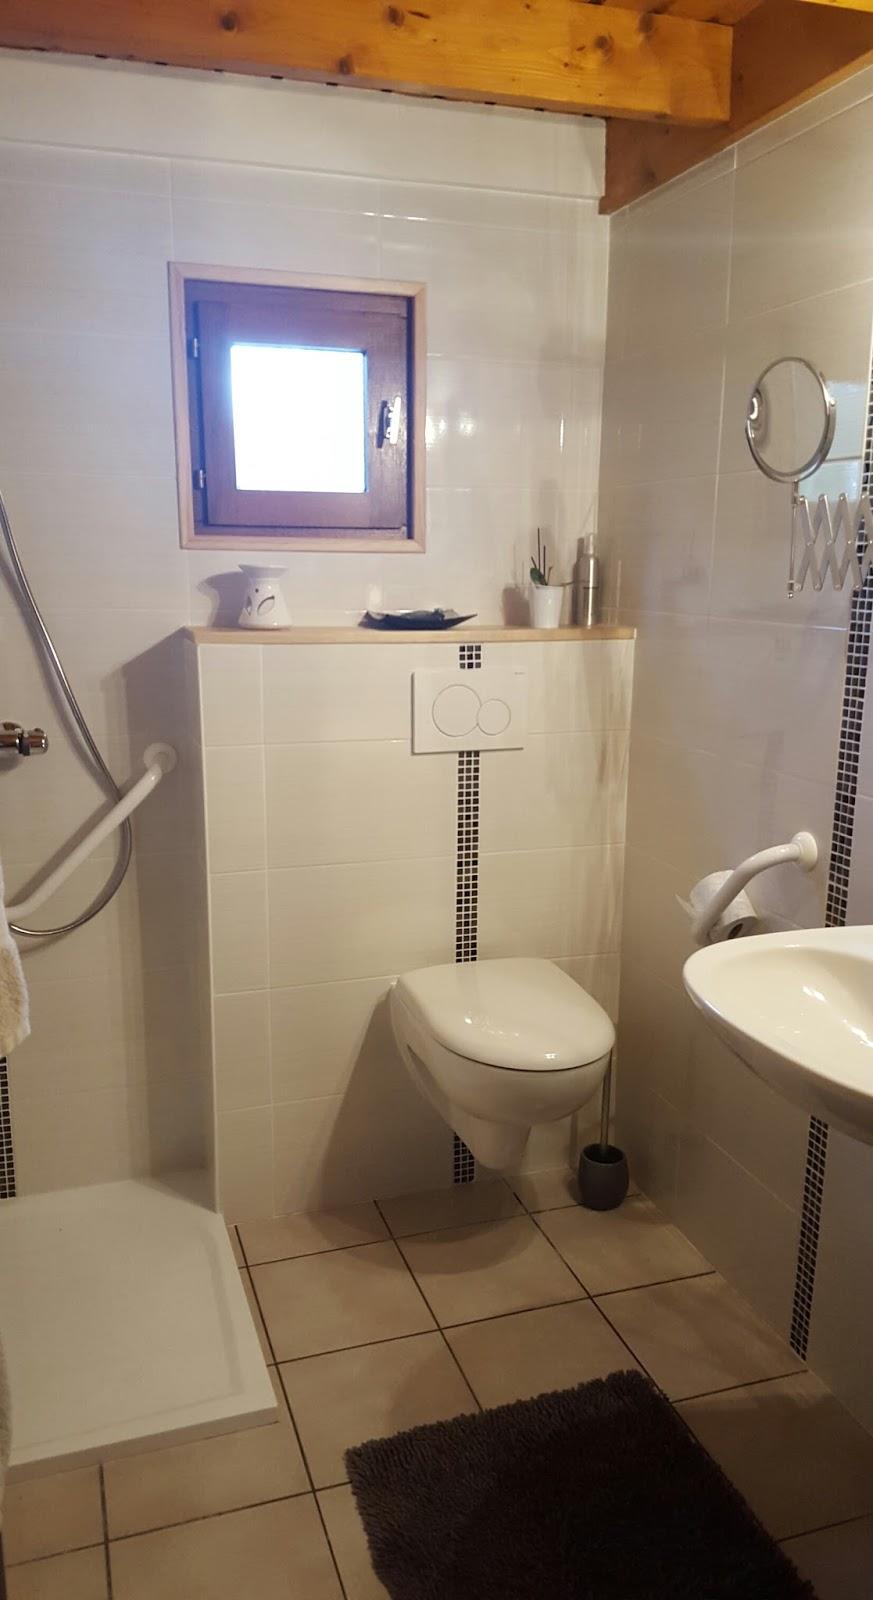 michel le coz agencement d coration salle d 39 eau blanche. Black Bedroom Furniture Sets. Home Design Ideas